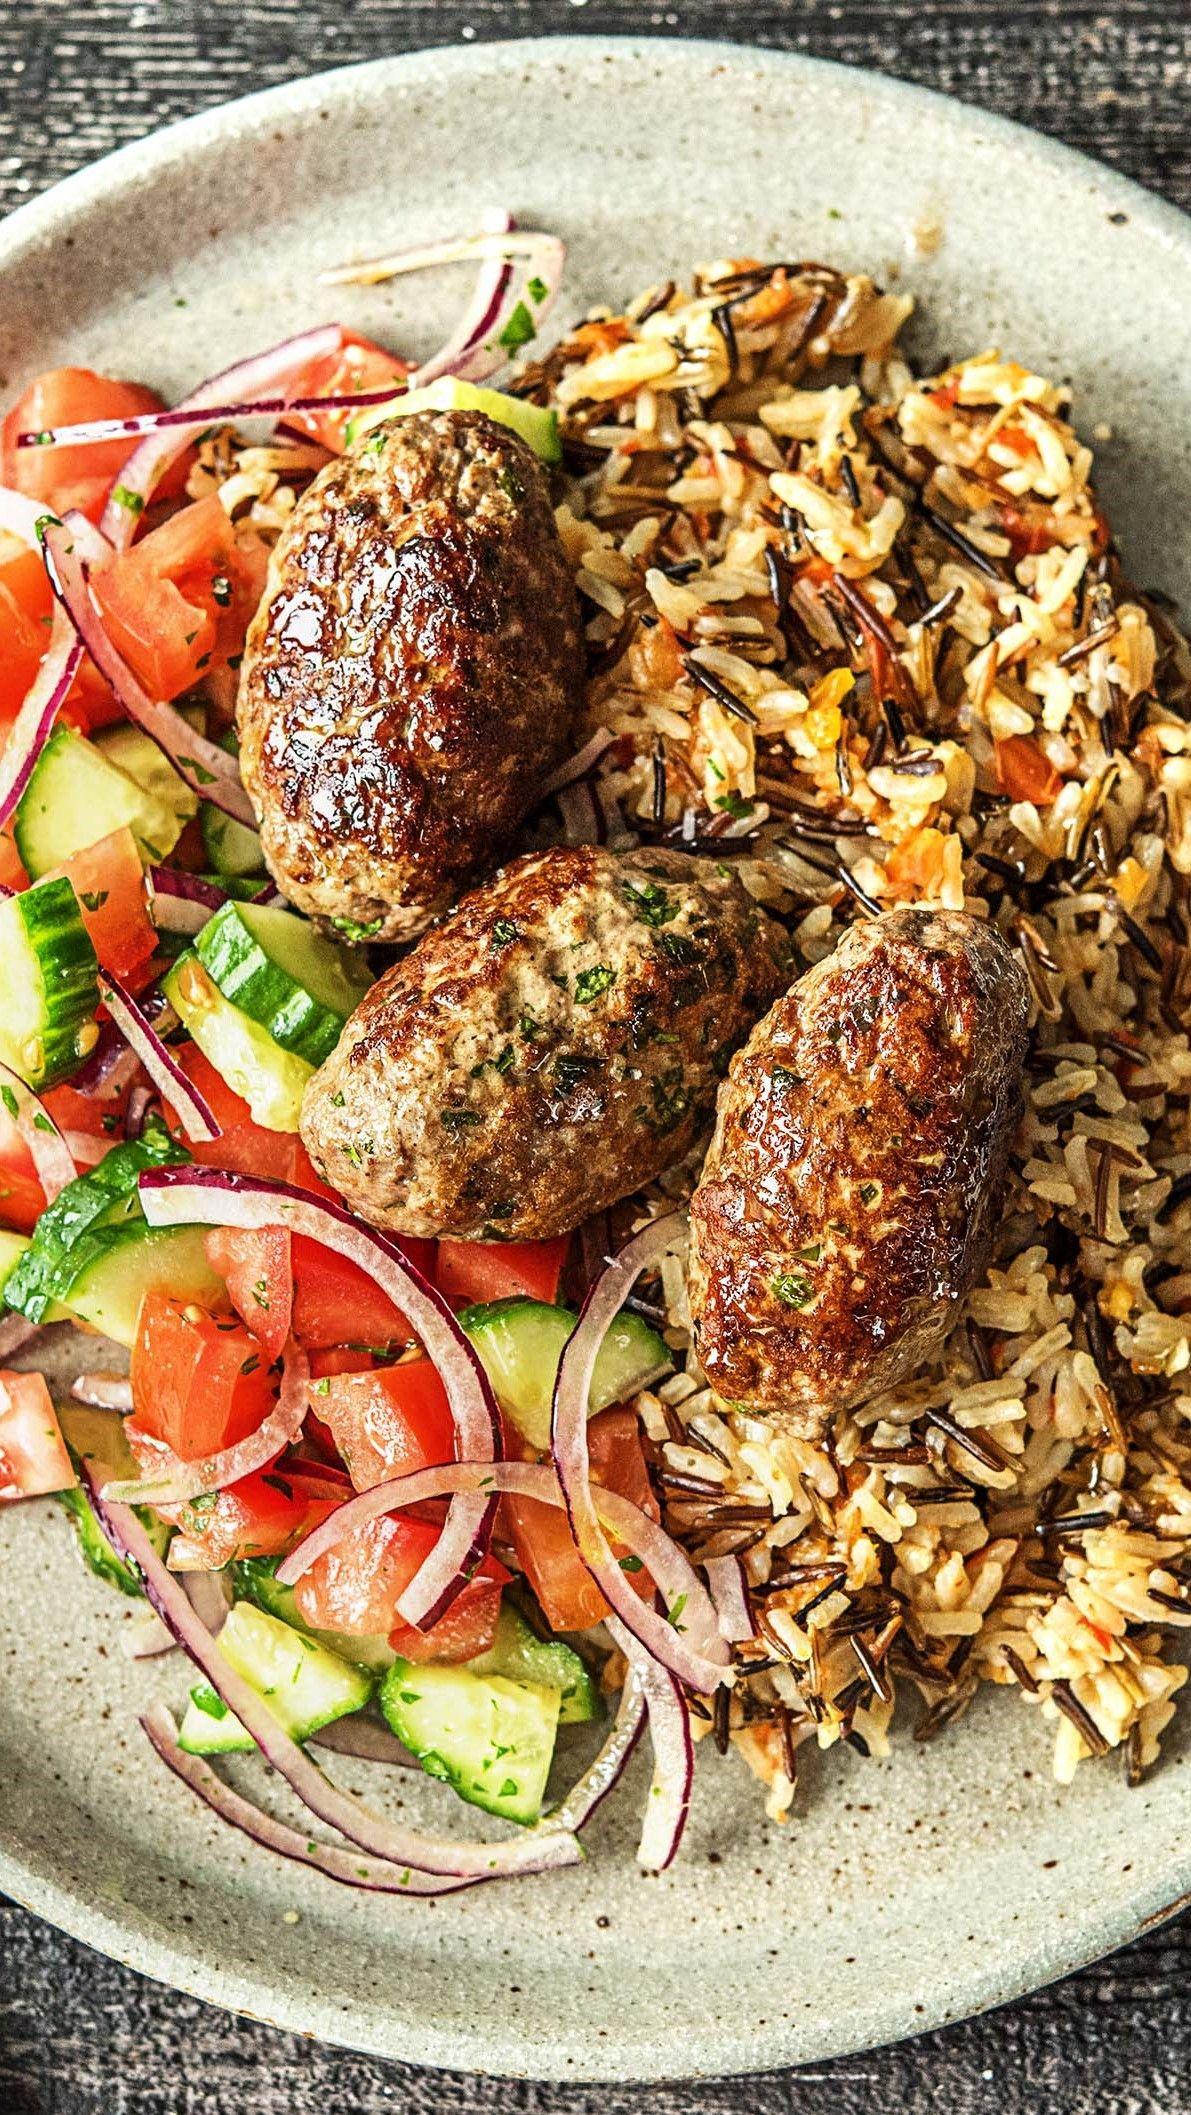 Hello Köfte! Türkische Frikadellen mit Tomaten-Basmati-Wildreis, Salat und Joghurtdip #herbstgerichte